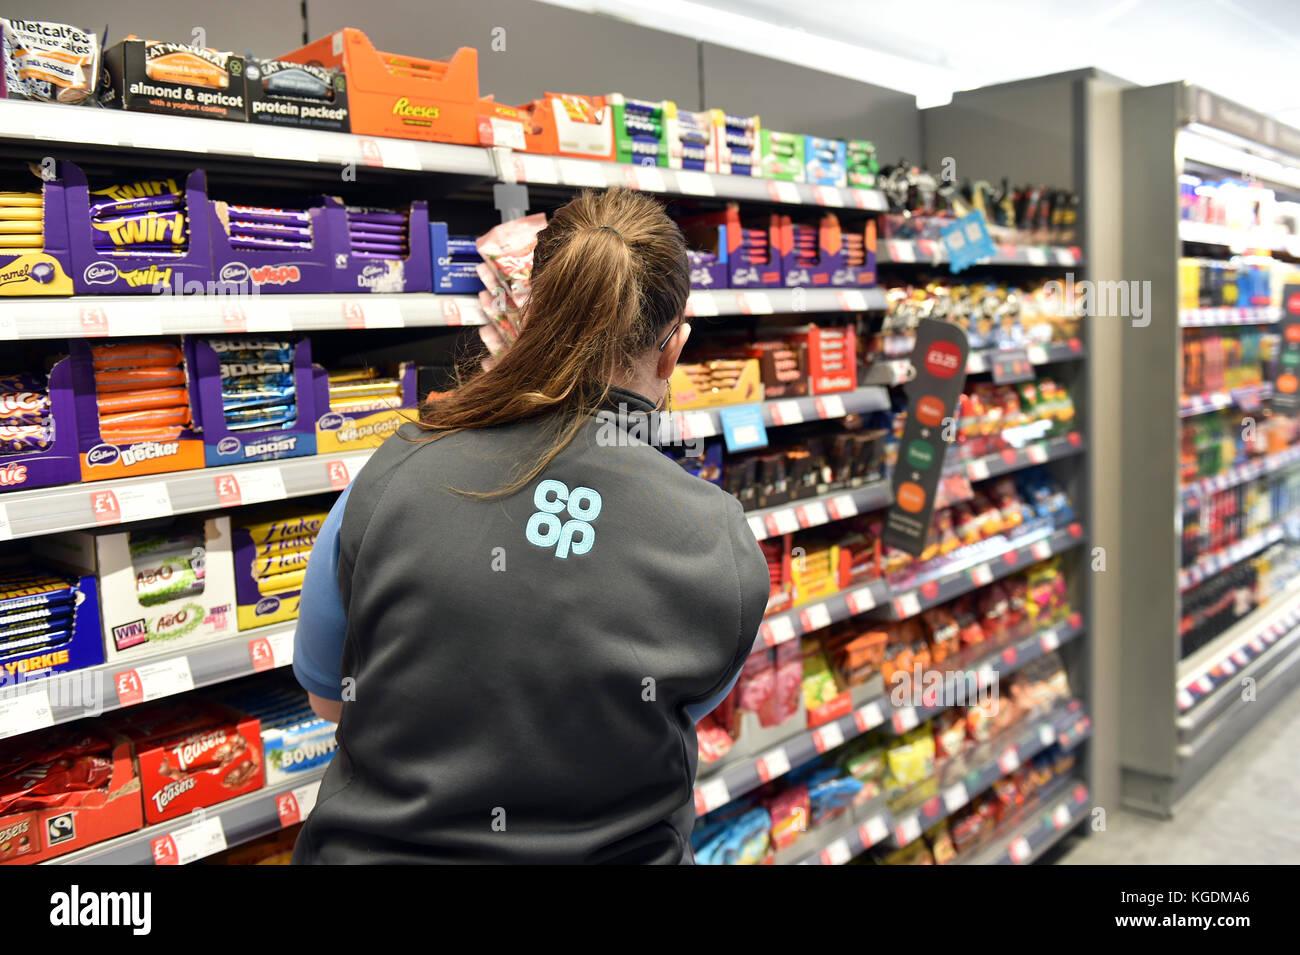 Apilamiento de estante en una tienda de alimentos cooperativos, vista posterior de un miembro del personal de chocolate Imagen De Stock